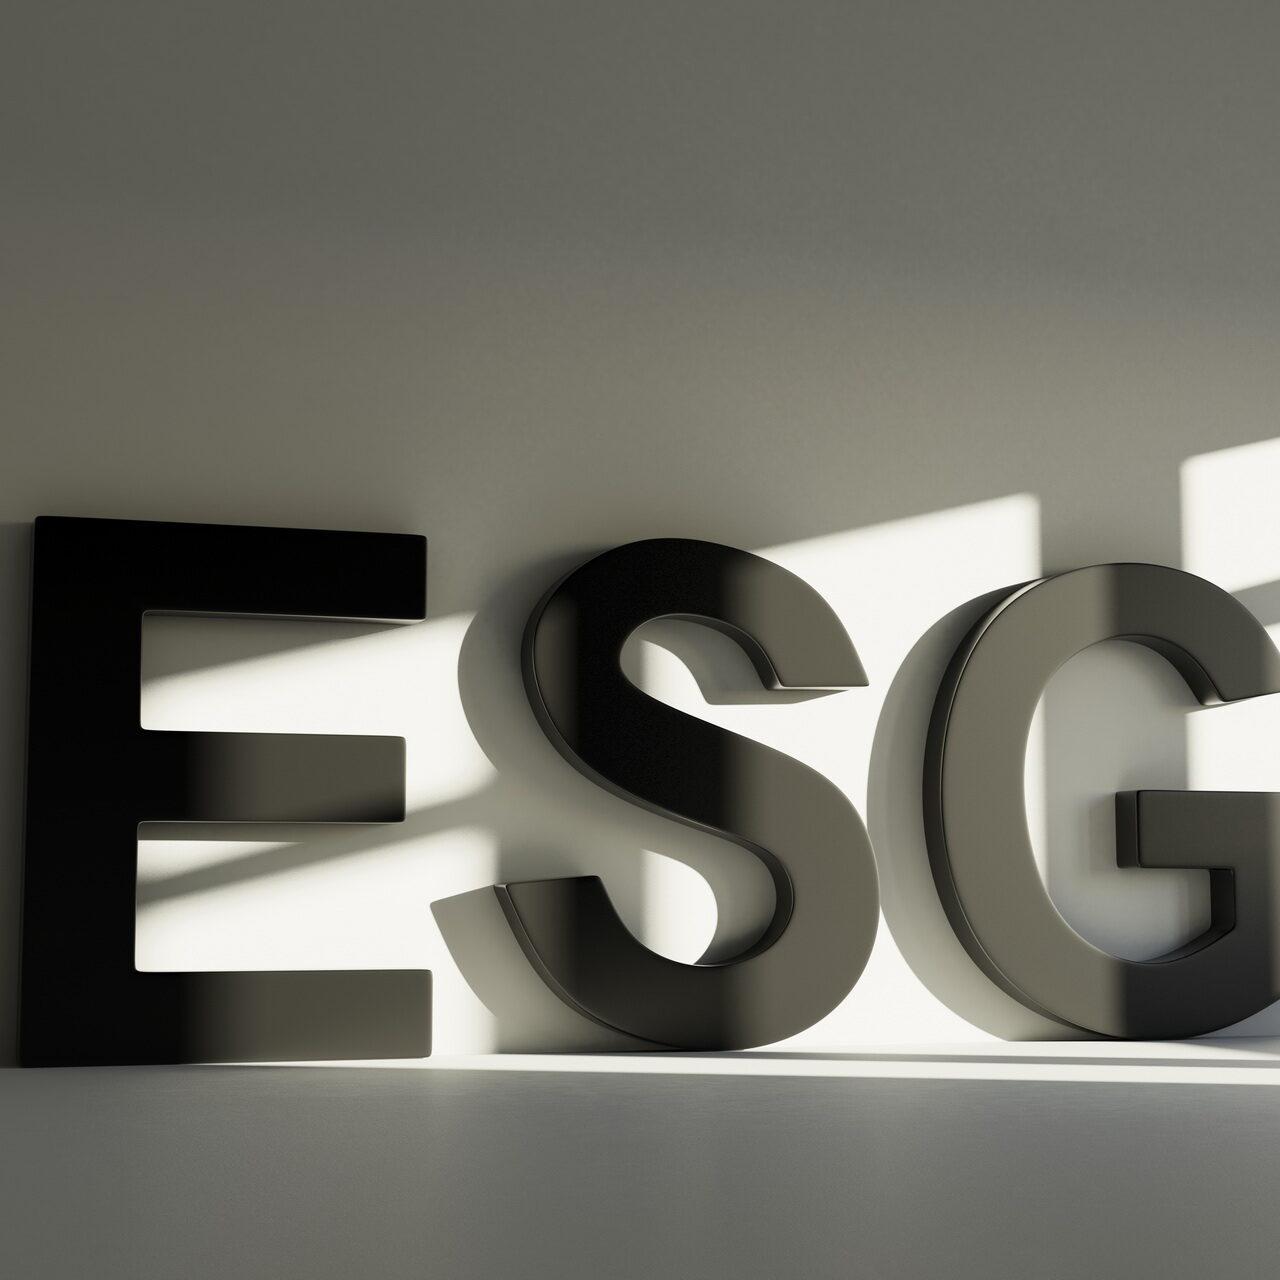 CHOM CAPITAL baut ESG-Analyse von Unternehmen aus